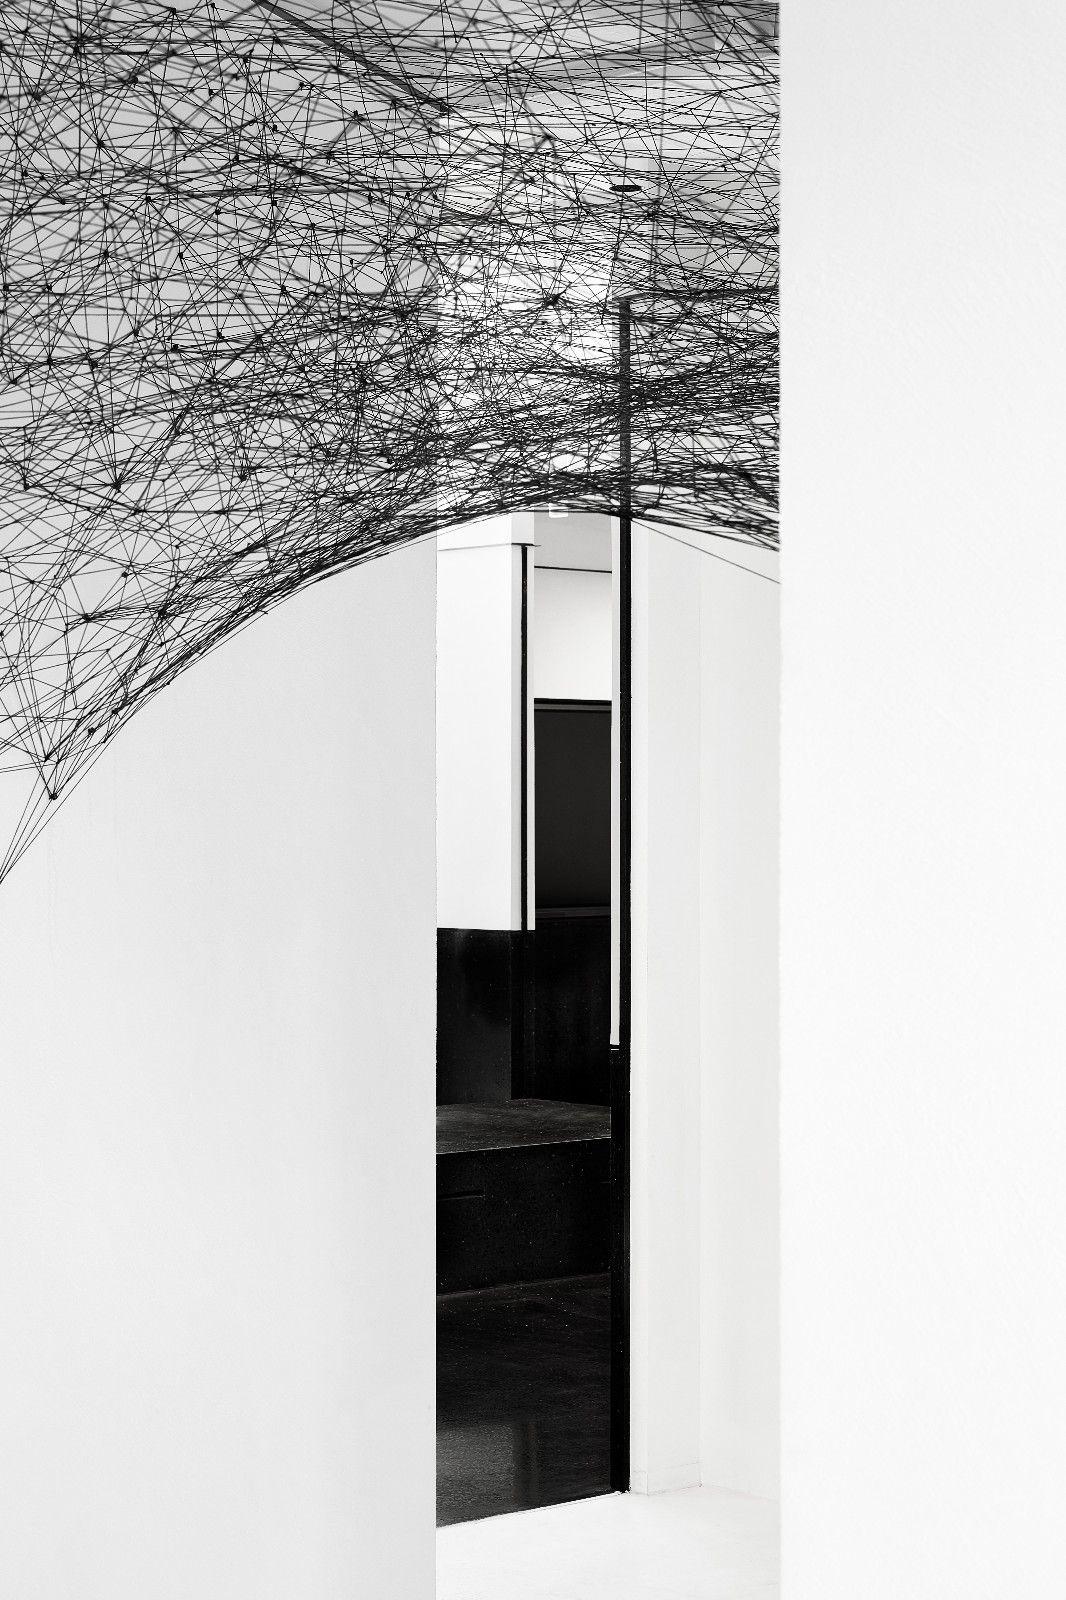 极致黑白空间 | 千墨设计